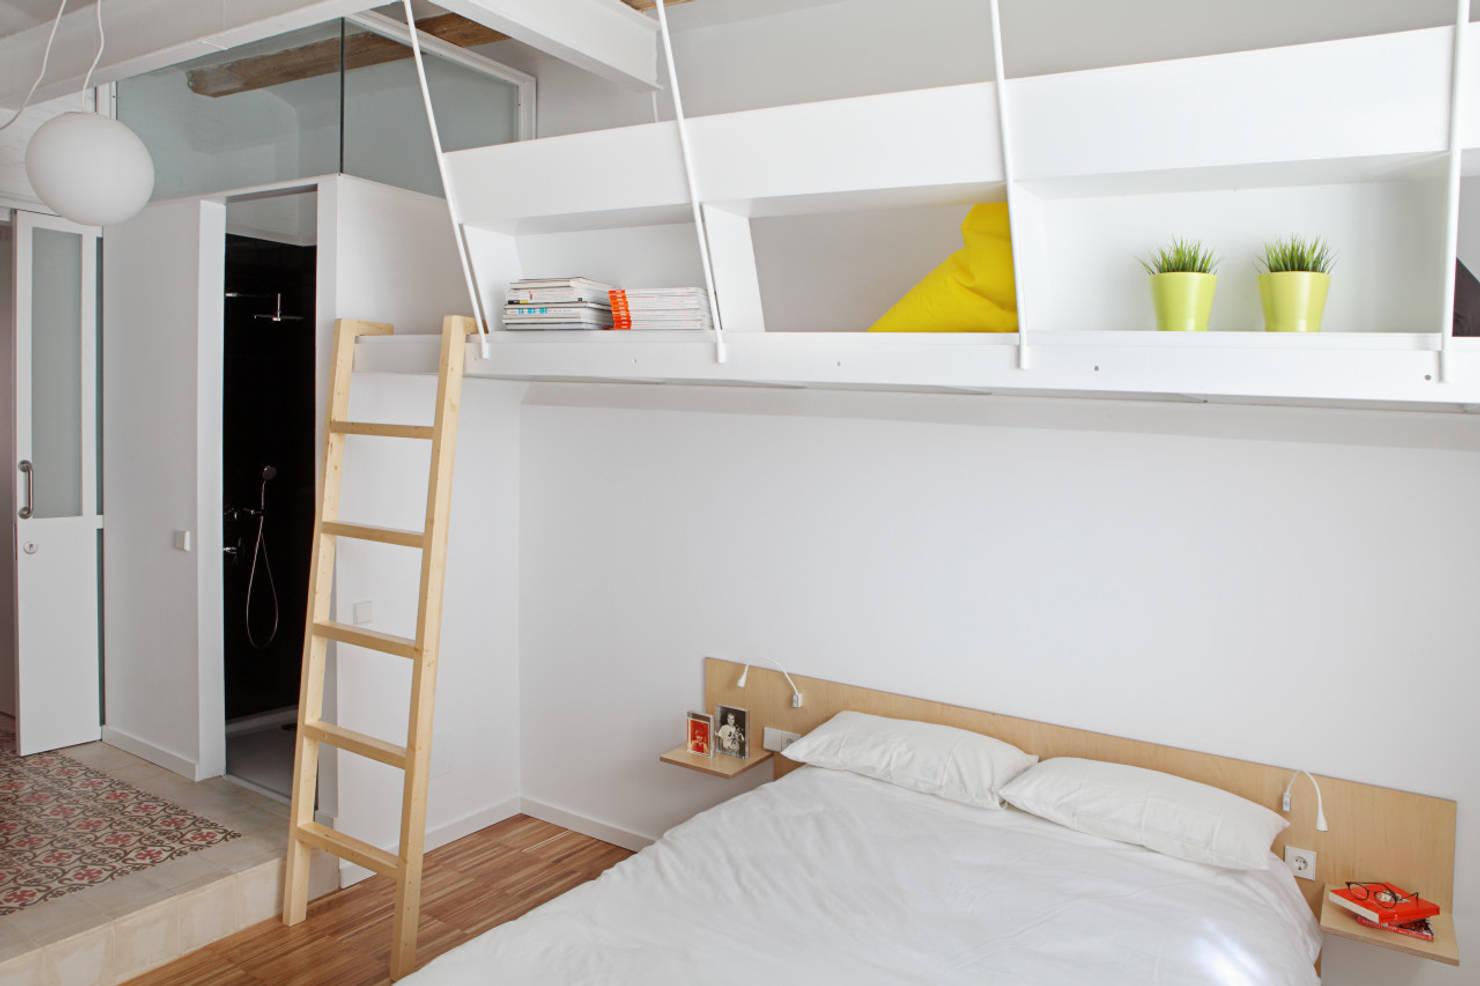 실용적인 아파트 구조를 만드는 7가지 기발한 아이디어